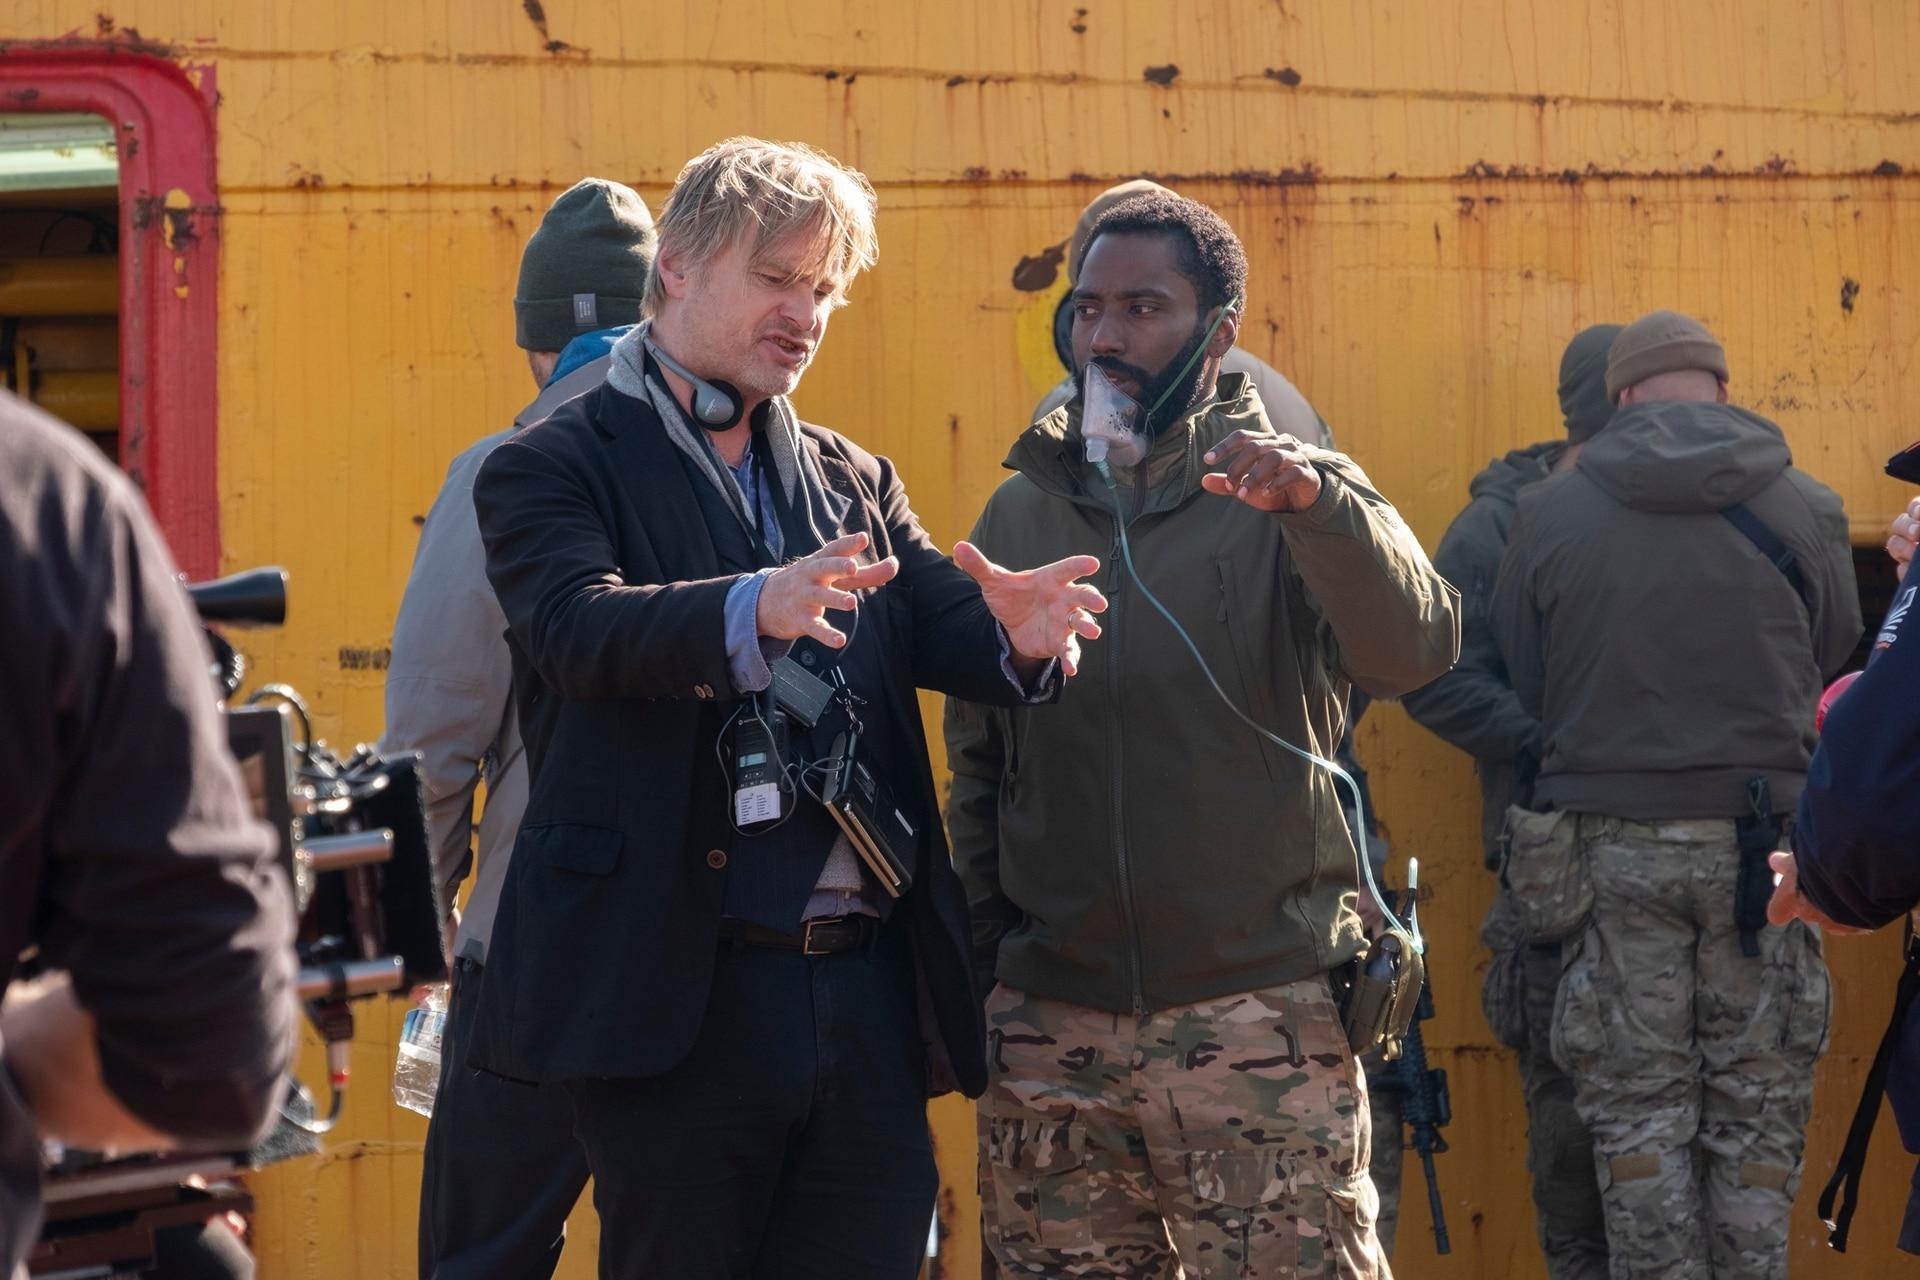 El protagonista definió al film como una experiencia única